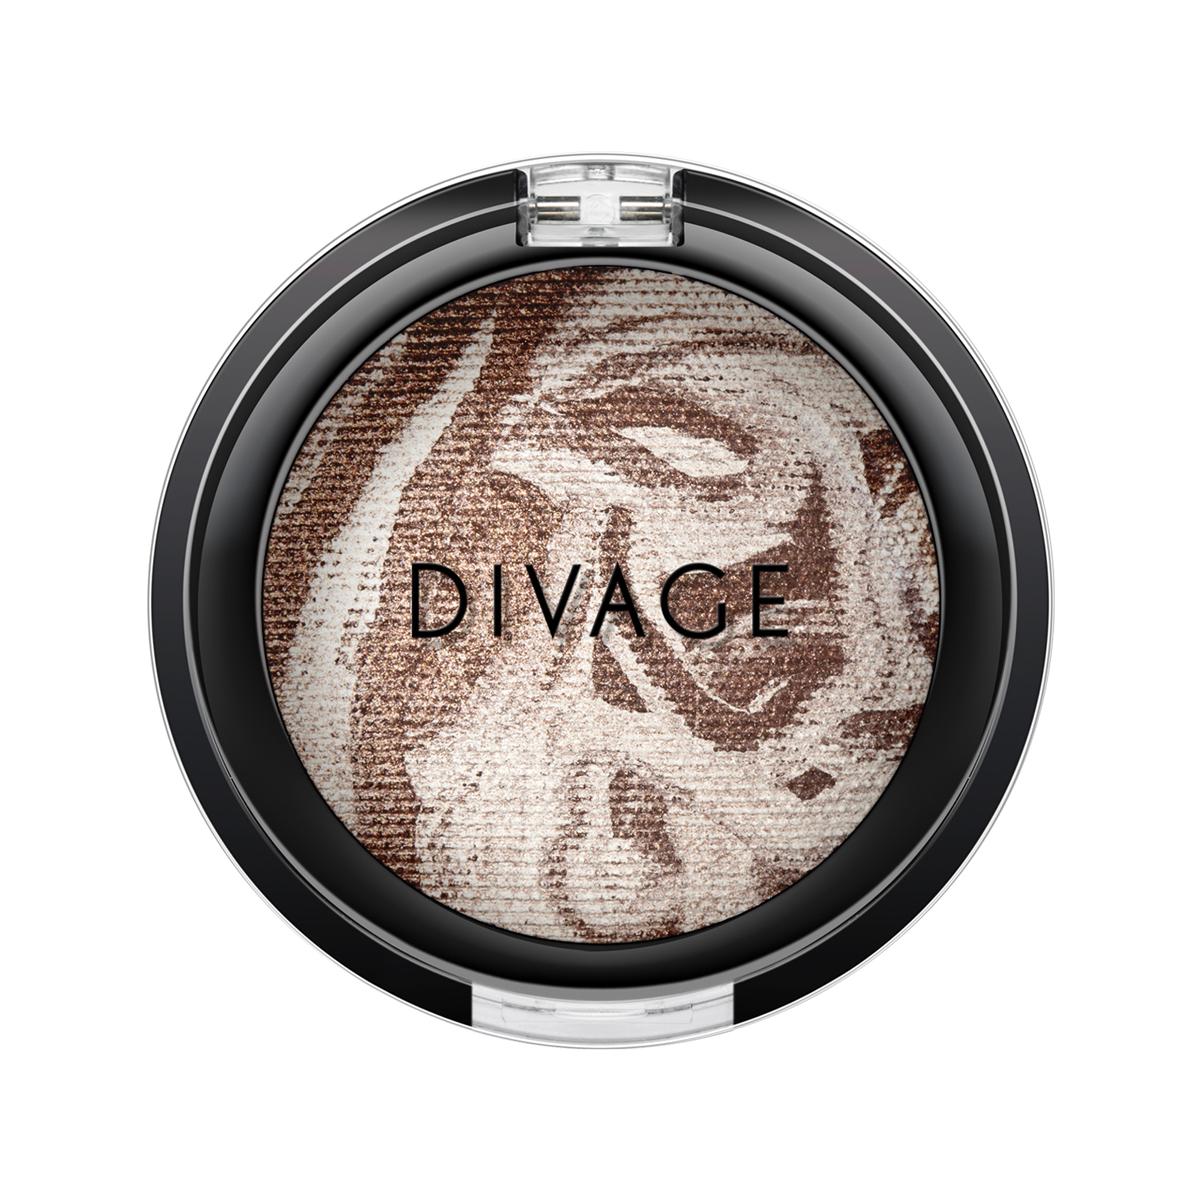 DIVAGE Запечённые тени для век COLOUR SPHERE, тон № 17, 3 гр.02-1159-000007Энергия цвета для вашего макияжа.Трёхцветные мраморные оттенки с восхитительным блеском! Миксовые цвета при нанесении раскрываются богатой палитрой, подчёркивая выразительность взгляда. Мягкая микро-пудра, входящая в состав теней, увеличивает стойкость, что позволяет макияжу сохраняться в течение всего дня, не осыпаясь и не размазываясь. Тени можно наносить как сухим аппликатором для создания нежного сияния, так и влажным методом для придания макияжу яркого металлического блеска. Высокая концентрация цветовых пигментов помогает оставаться цвету насыщенным даже спустя 8 часов. Энергия цвета заряжает на весь день с тенями COLOUR SPHERE от DIVAGE!СОВЕТ DIVAGE: Используя тени для макияжа глаз от DIVAGE, ты легко можешь меняться каждый день, создавая различные образы. Но как выбрать свой оттенок в таком многообразии? Выбирай контрастные оттенки тенейк твоему цвету глаз. Карие глаза хорошо подчеркнут зелёные и фиолетовые оттенки, все оттенки коричневого придадут выразительности зелёным глазкам, для серых и голубых больше всего подойду оттенки кораллового, золотого ирозового. С макияжем выполненным тенями DIVAGE твой взгляд будет ещё притягательней!